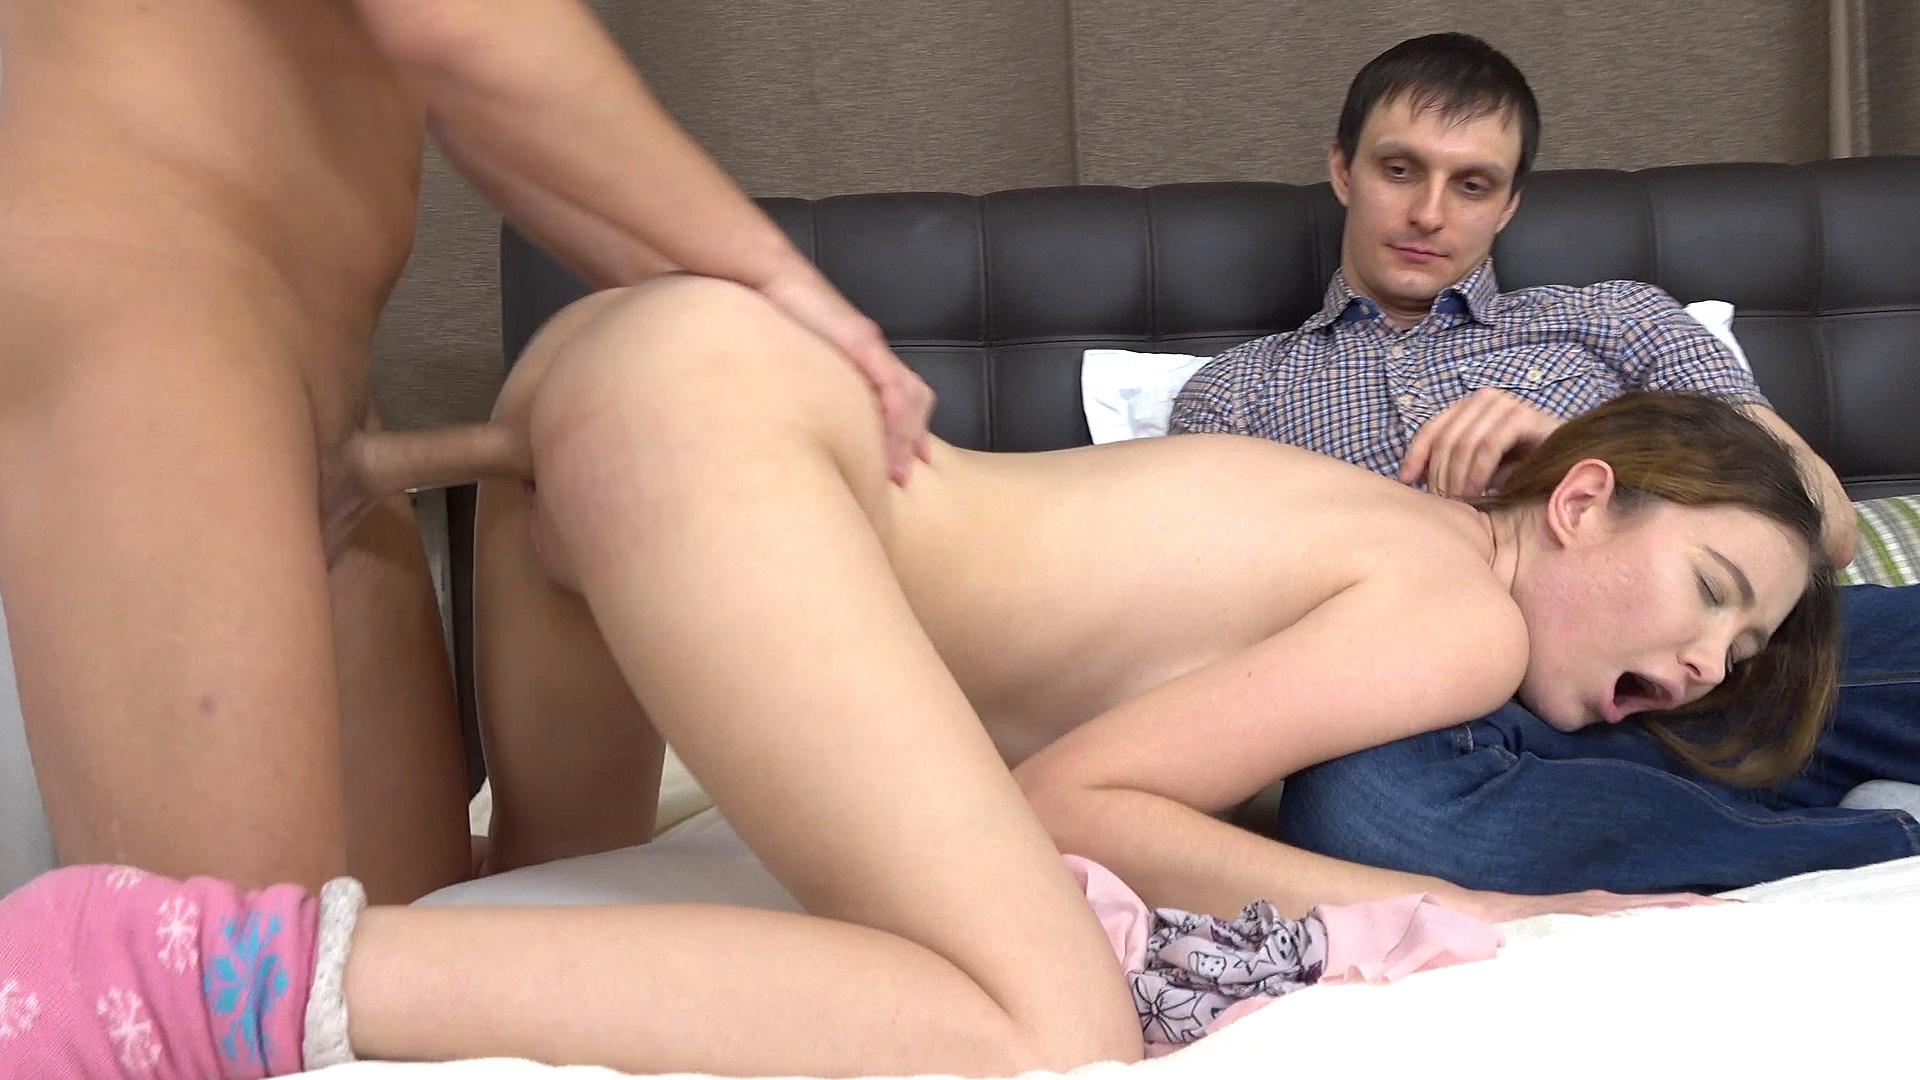 Hot girl gives a handjob